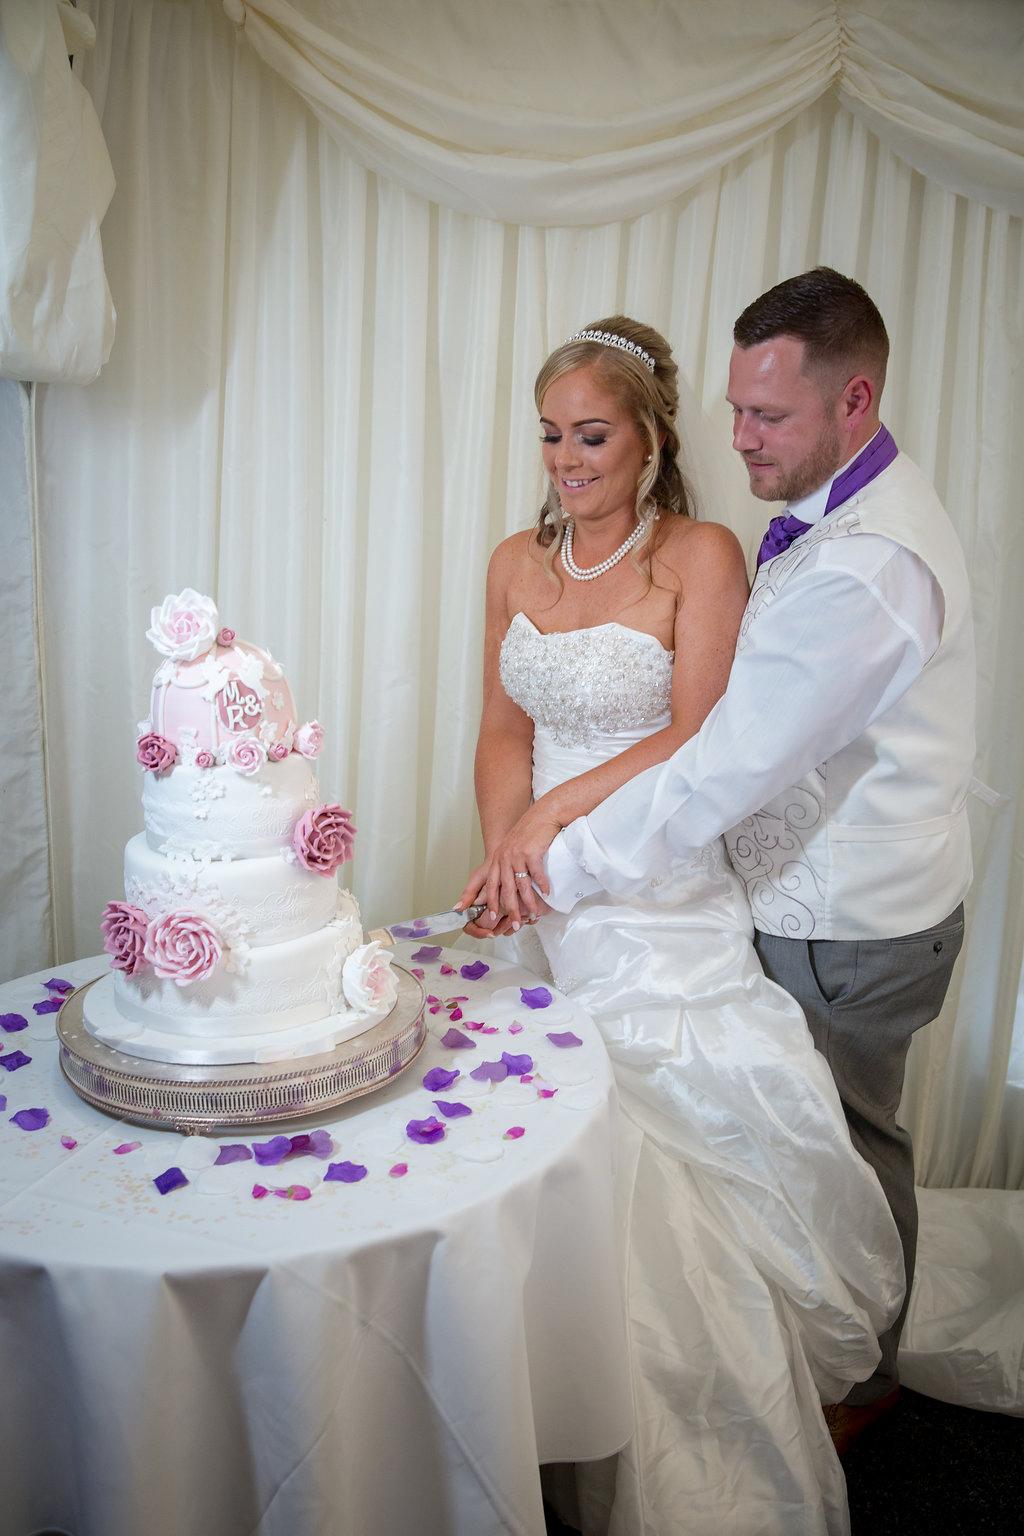 Female-wedding-photographer-cardiff-new-house-hotel-cardiff-natalia-smith-photography-35.jpg